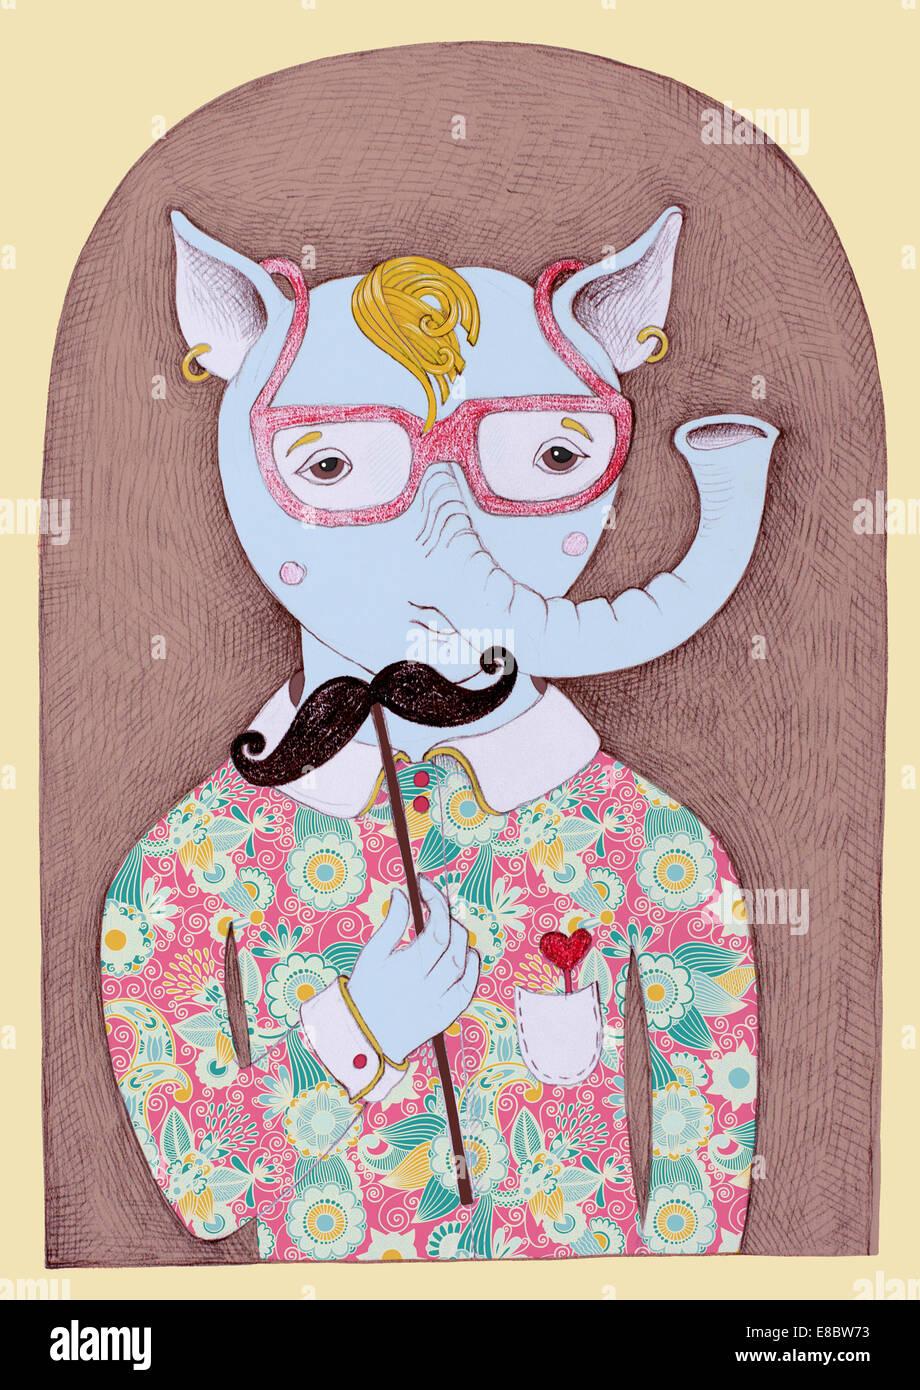 Insolito Originale Disegno A Matita Di Hipster Animale Fantastico